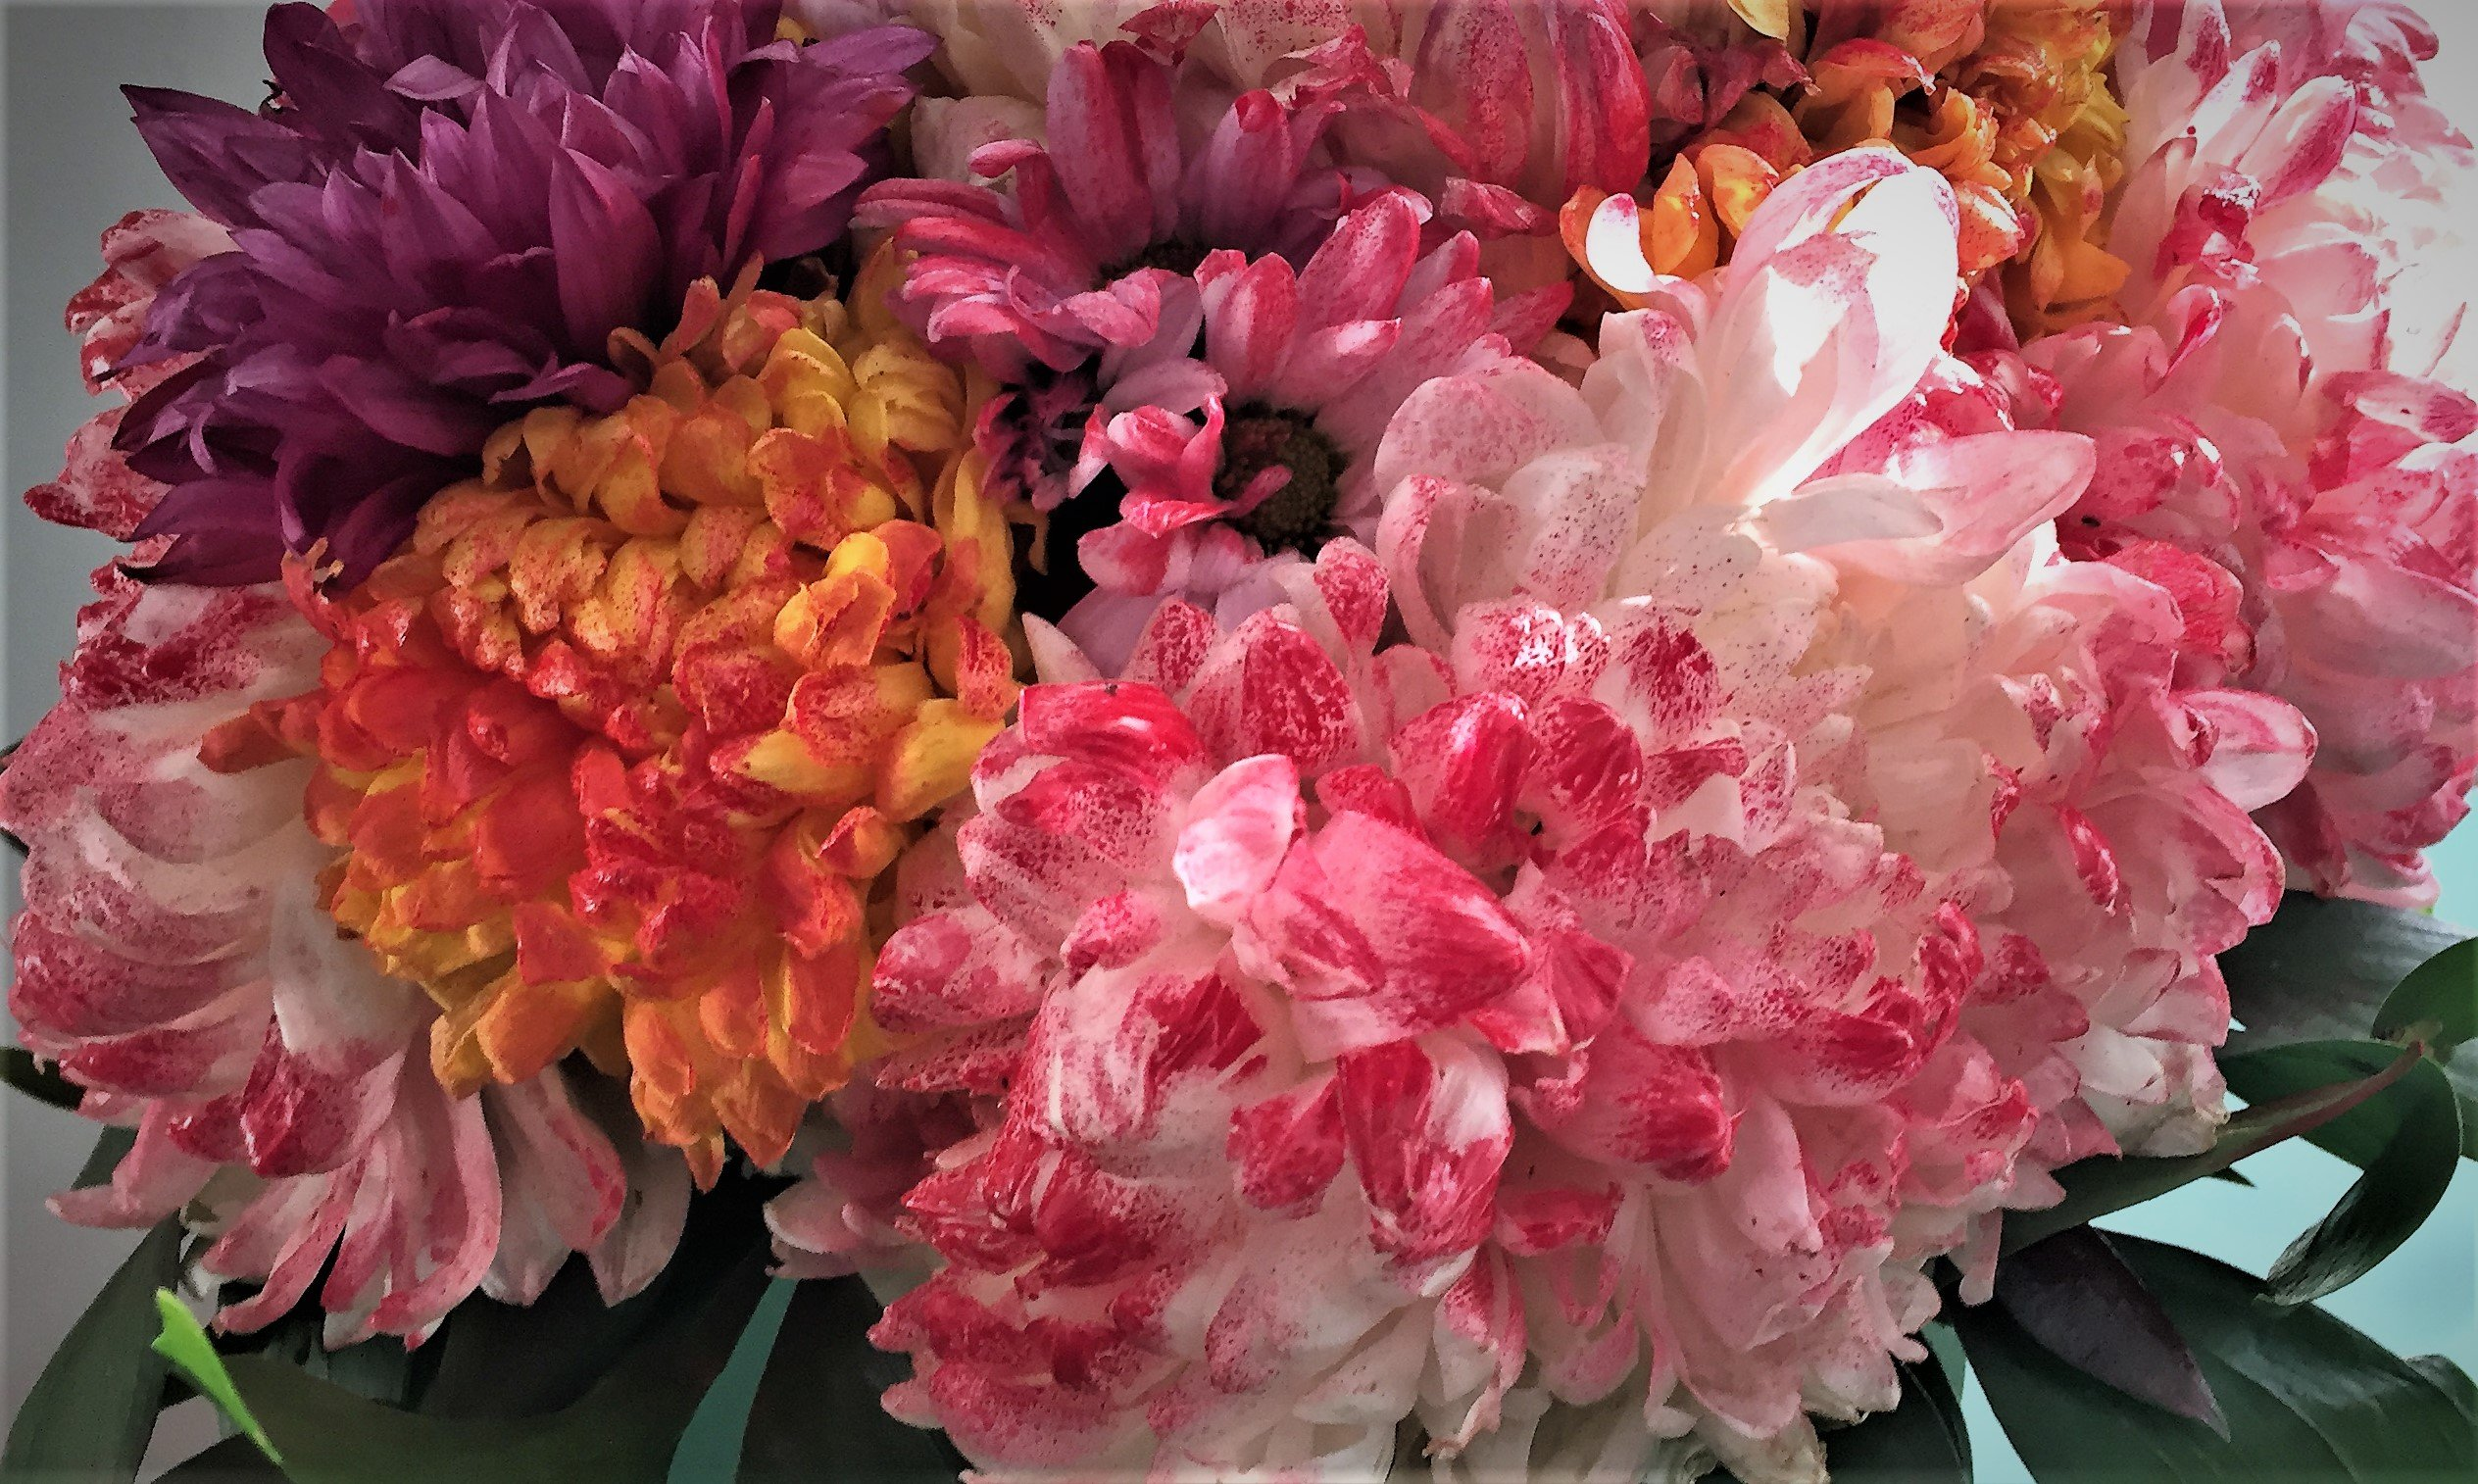 Aus weiss mach bunt: Mein gefärbter Blumenstrauss.